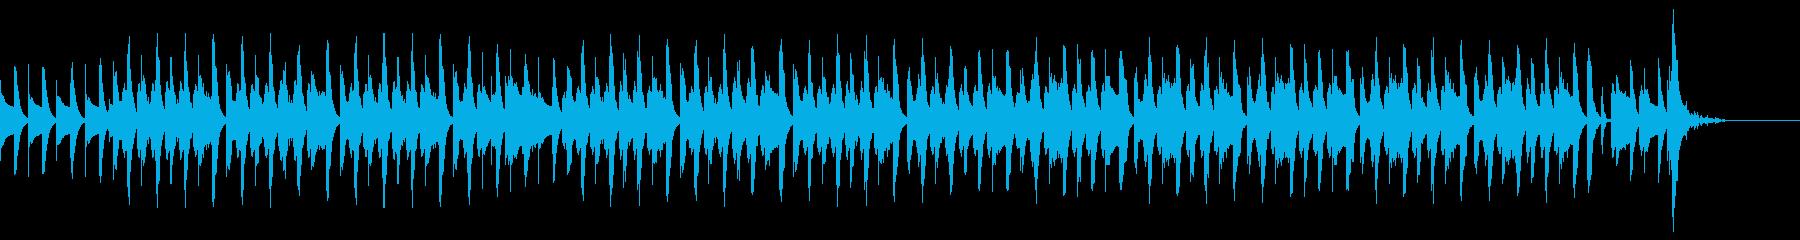 絵かき歌 完成してキラキラ音 ゆるカワ の再生済みの波形